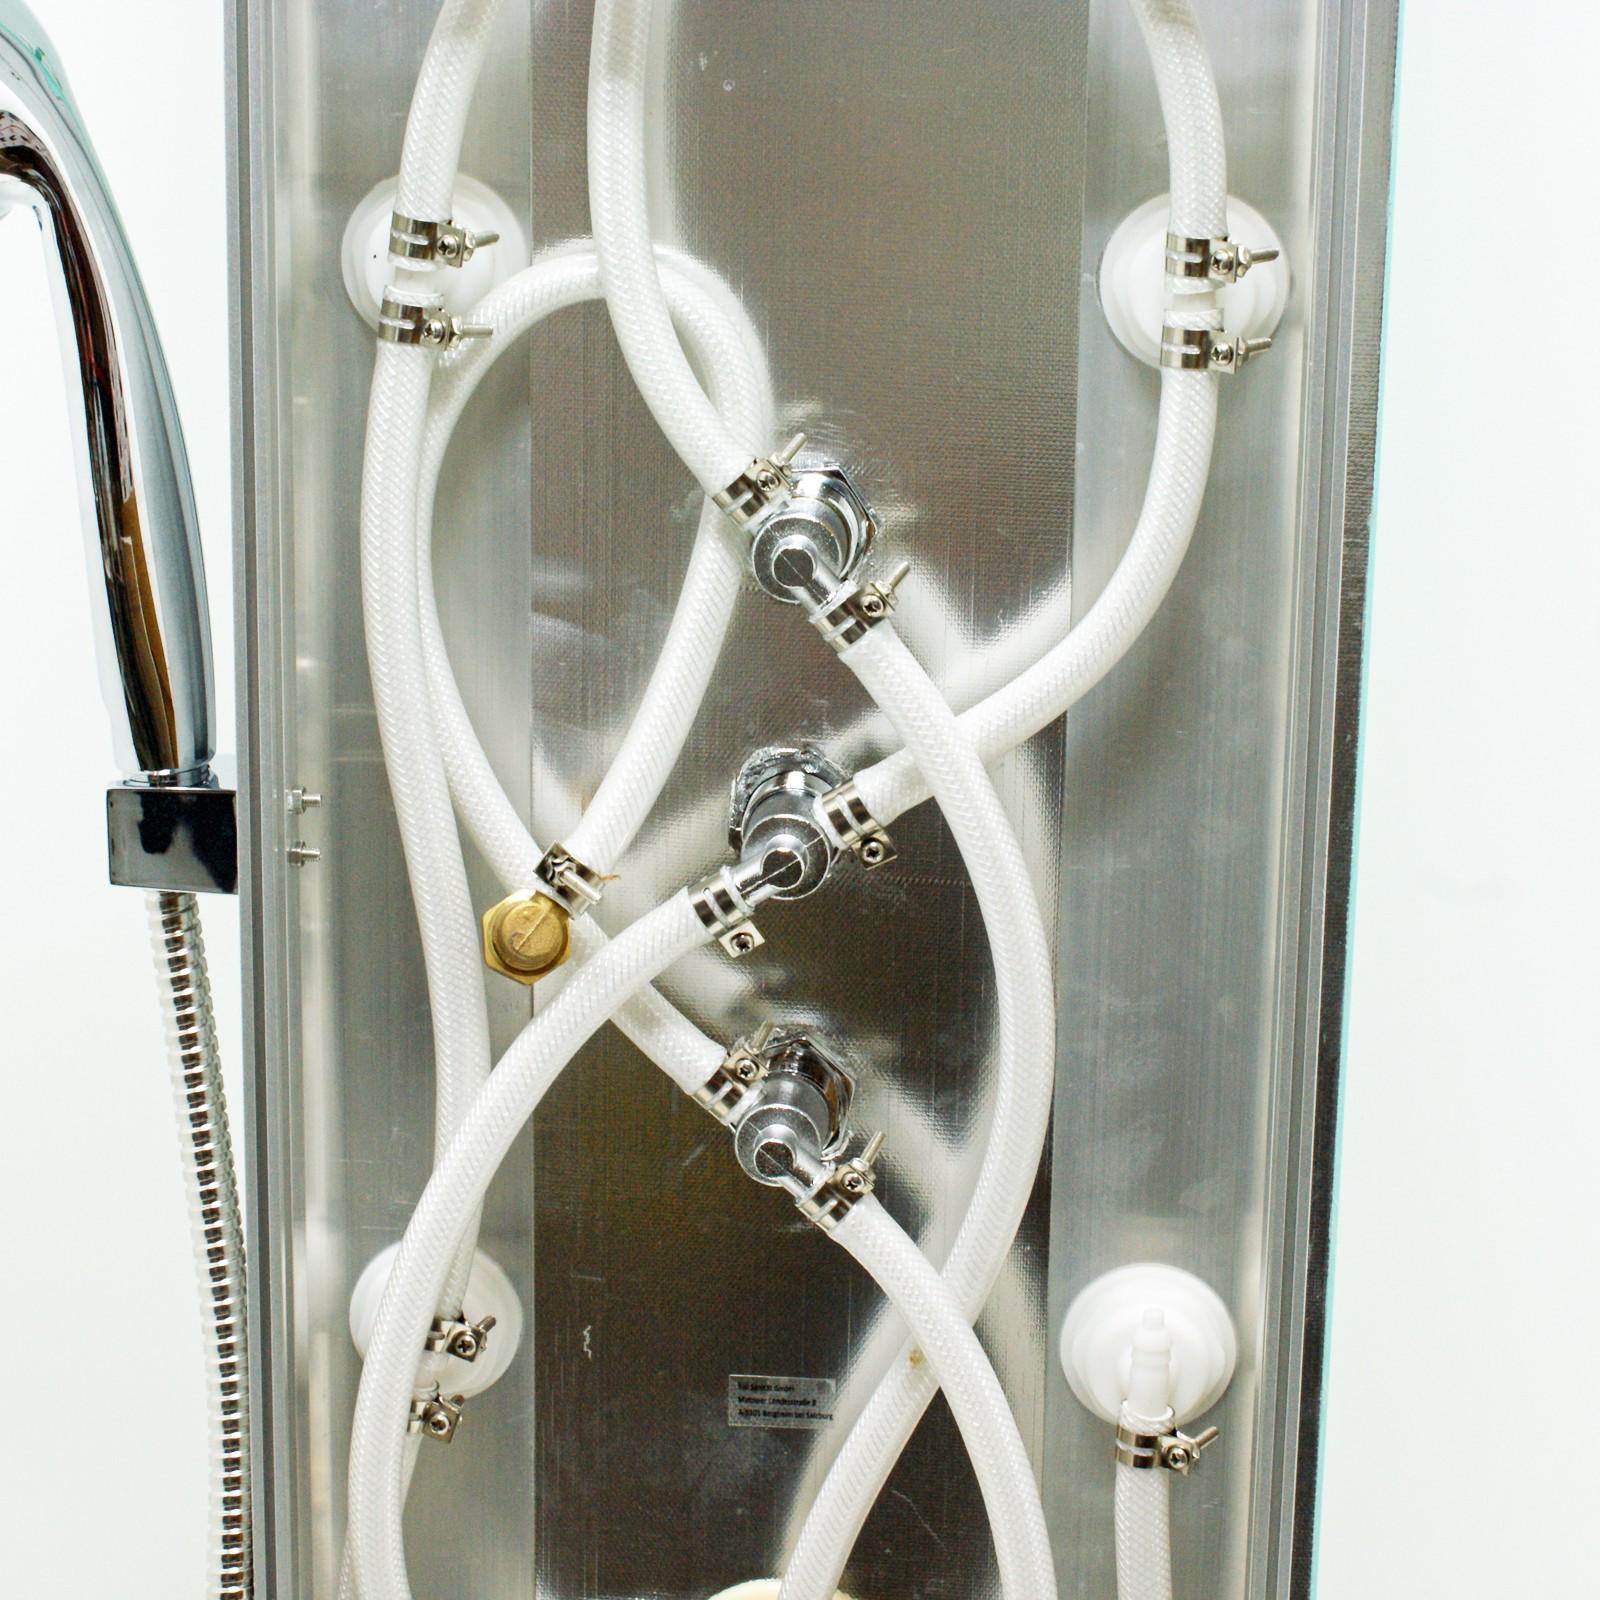 duschpaneel karibik weiss duschset duschs ule. Black Bedroom Furniture Sets. Home Design Ideas